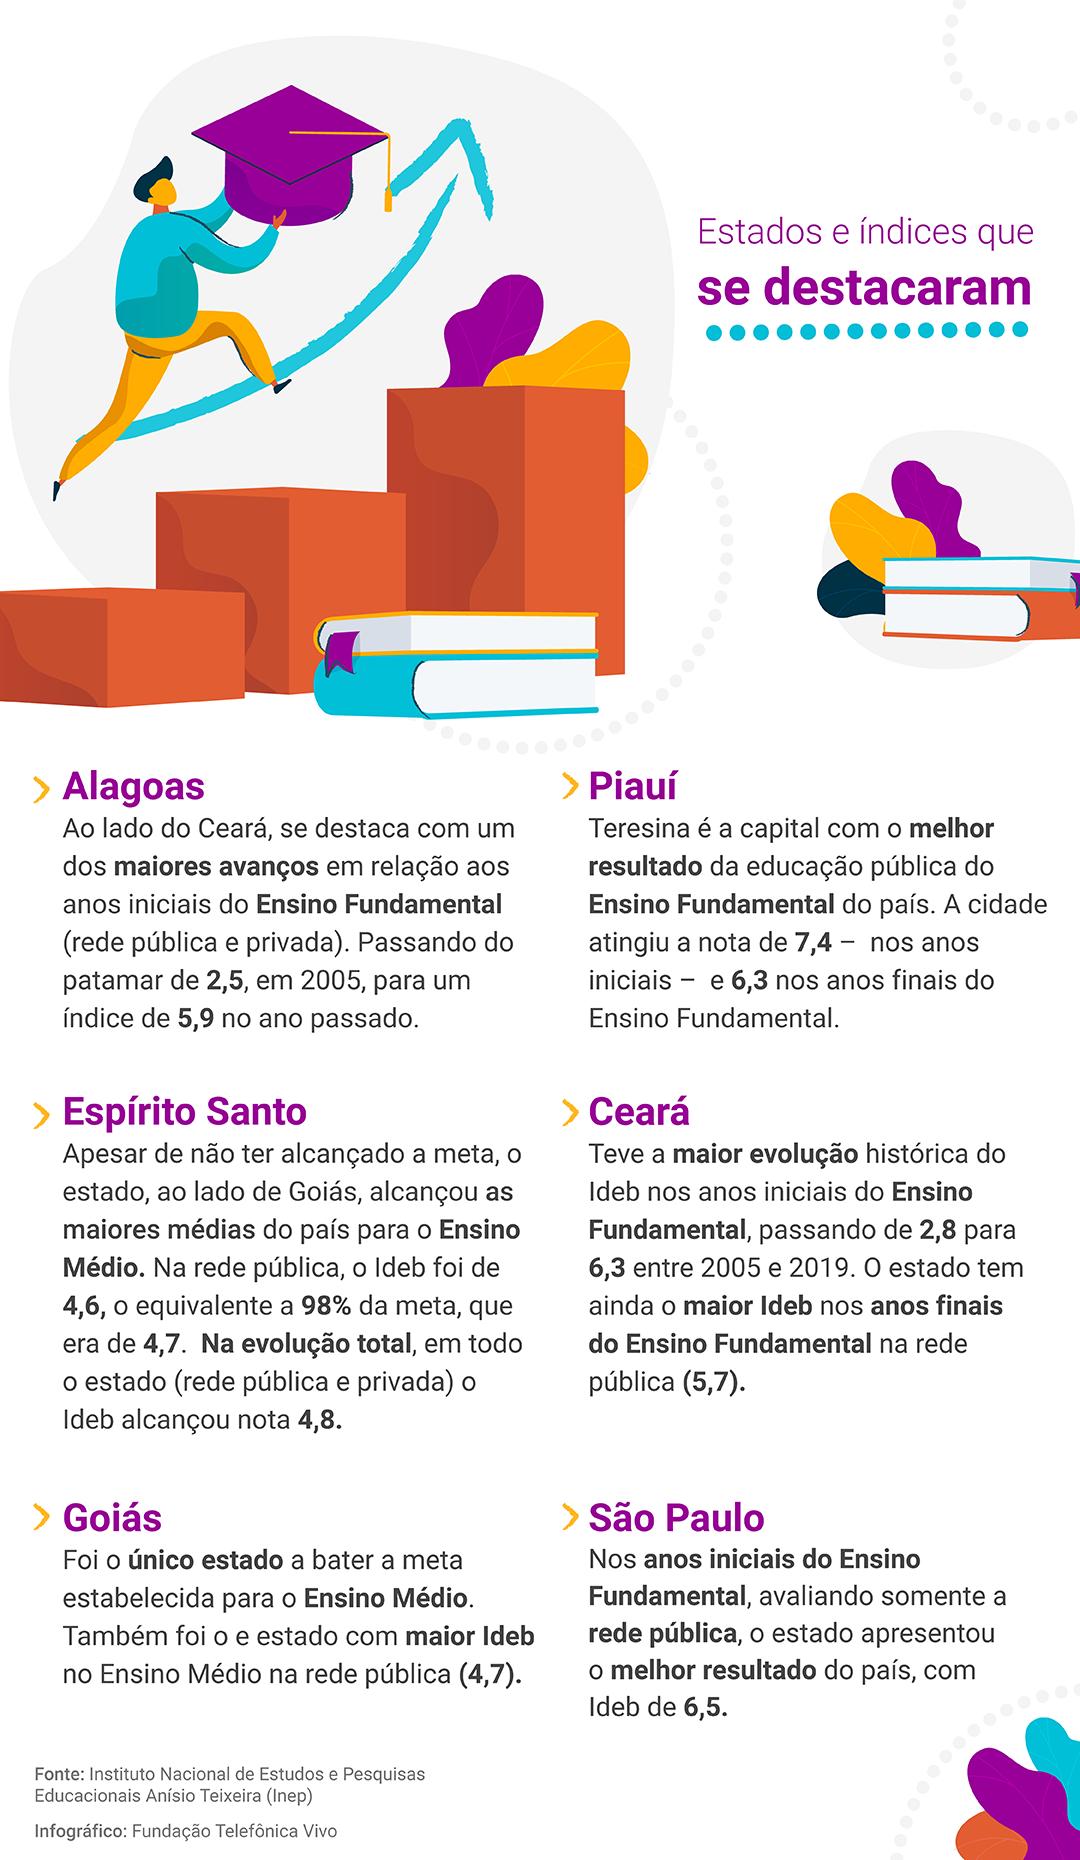 Infográfico mostrando os estados e índices que se destacaram no Ideb com as seguintes informações: Goiás - foi o único estado a bater a meta estabelecida para o Ensino Médio. Também foi o e estado com maior Ideb no Ensino Médio na rede pública (4,7). Ceará – teve a maior evolução histórica do Ideb nos anos iniciais do Ensino Fundamental, passando de 2,8 para 6,3 entre 2005 e 2019. O estado tem ainda o maior Ideb nos anos finais do Ensino Fundamental na rede pública (5,7). Espírito Santo – Apesar de não ter alcançado a meta, o estado, ao lado de Goiás, alcançou as maiores médias do país para o Ensino Médio. Na rede pública, o Ideb foi de 4,6 o equivalente a 98% da meta, que era de 4,7. Na evolução total, em todo o estado (rede pública e privada) o Ideb alcançou nota 4,8. Piauí - Teresina é a capital com o melhor resultado da educação pública do Ensino Fundamental do país. A cidade atingiu a nota de 7,4 – nos anos iniciais – e 6,3 nos anos finais do Ensino Fundamental. Alagoas - Ao lado do Ceará, se destaca com um dos maiores avanços em relação aos anos iniciais do Ensino Fundamental (rede pública e privada). Passando do patamar de 2,5, em 2005, para um índice de 5,9 no ano passado. São Paulo - Nos anos iniciais do Ensino Fundamental, avaliando somente a rede pública, o estado apresentou o melhor resultado do país, com Ideb de 6,5.